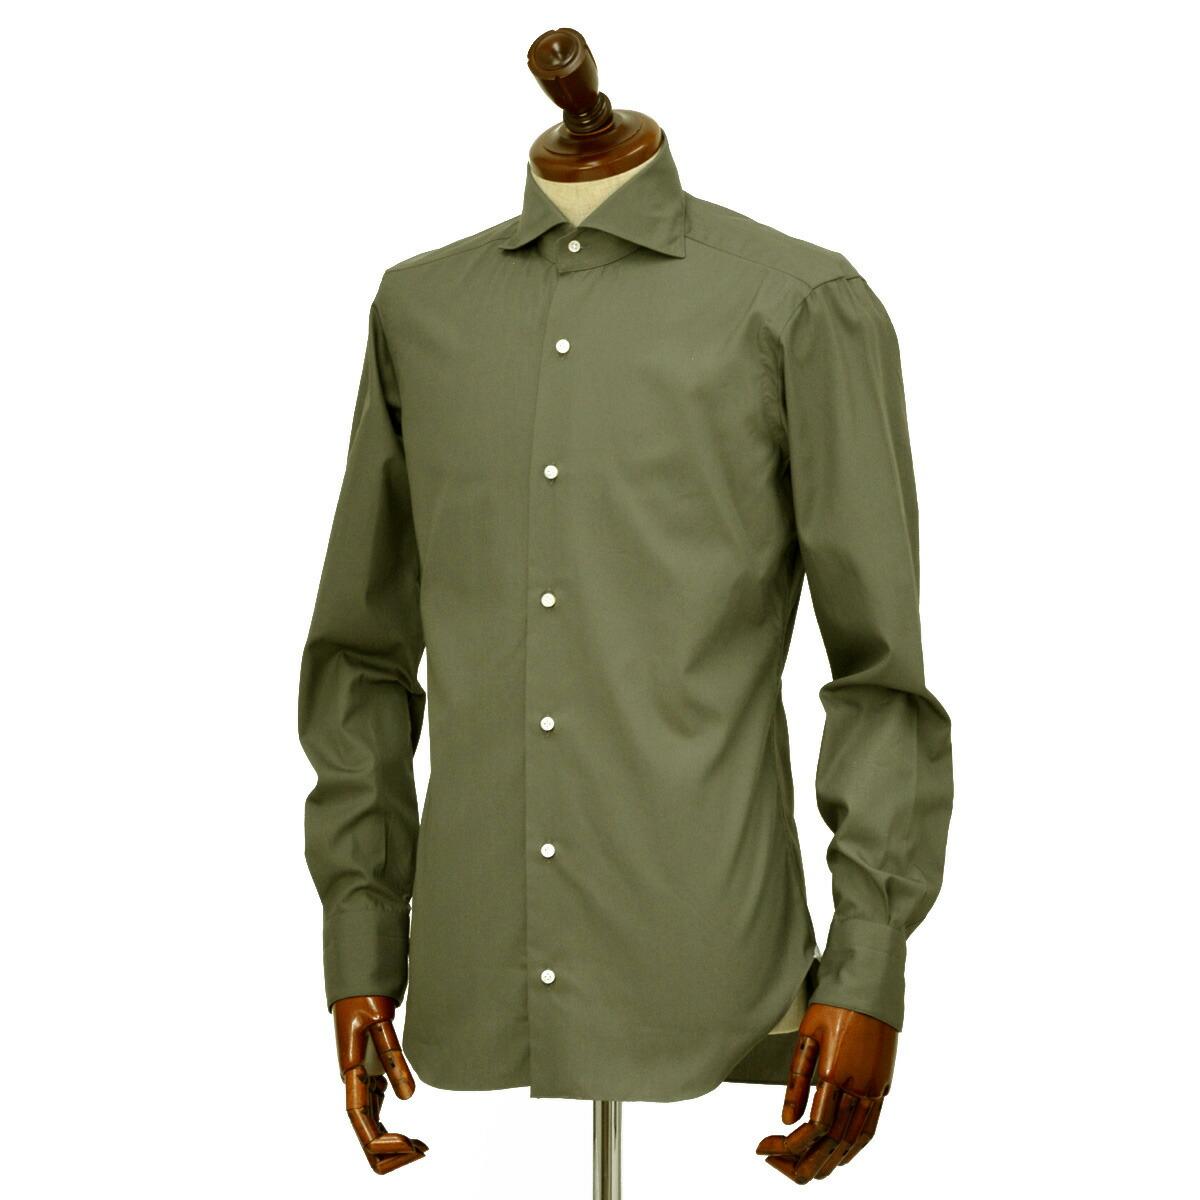 BARBA【バルバ】ドレスシャツ BRUNO I1U262U06278U フラシ コットン ブロード オリーブ